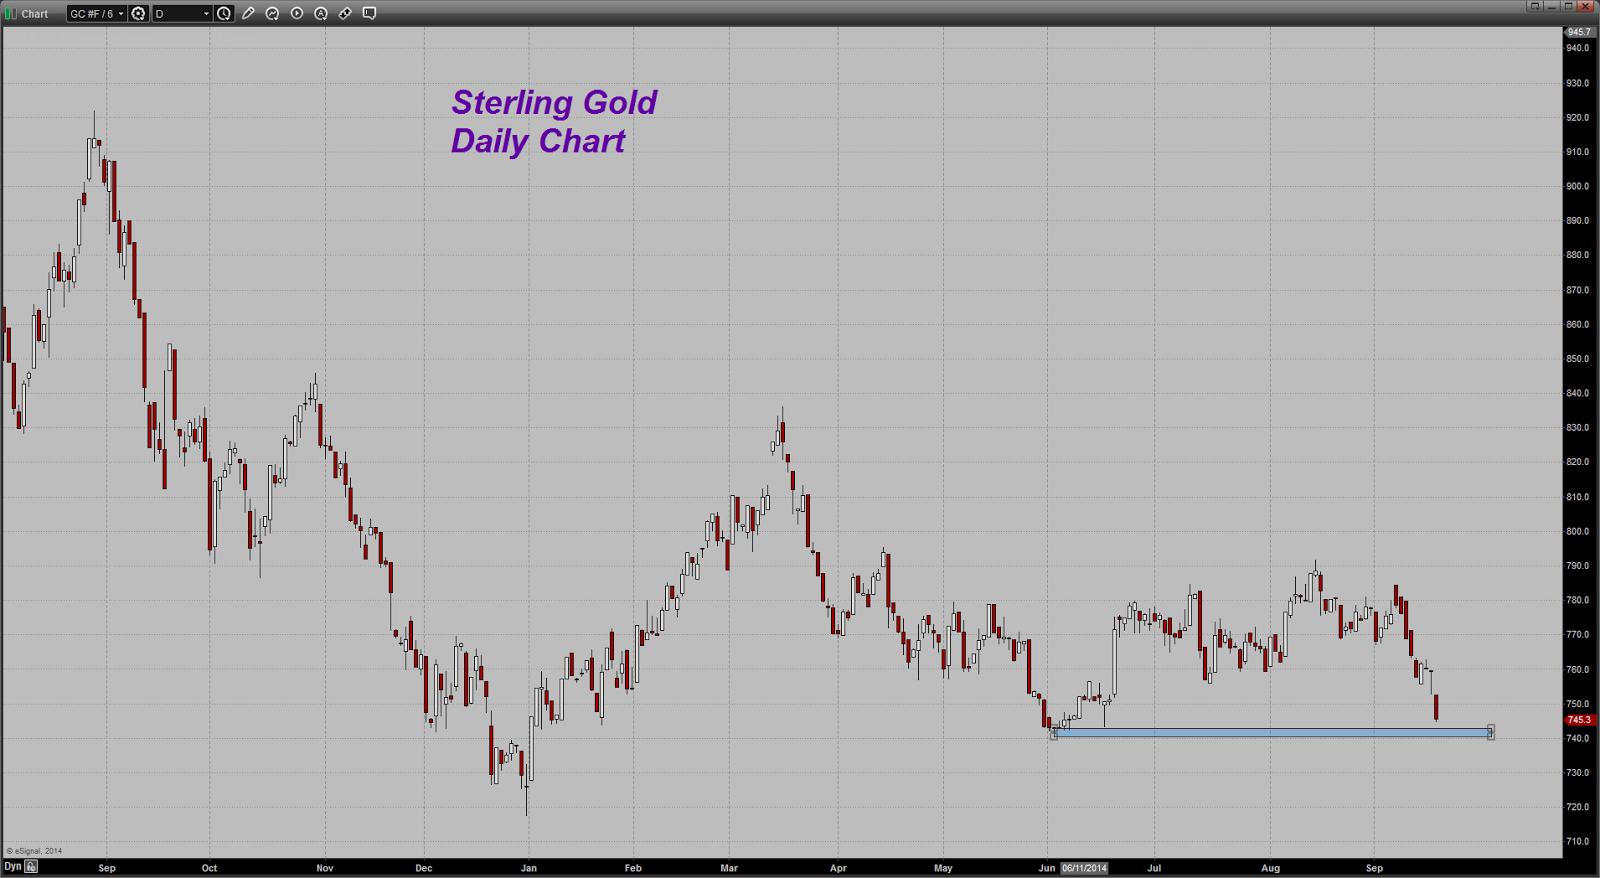 prix de l'or, de l'argent et des minières / suivi quotidien en clôture - Page 13 Chart20140918071716